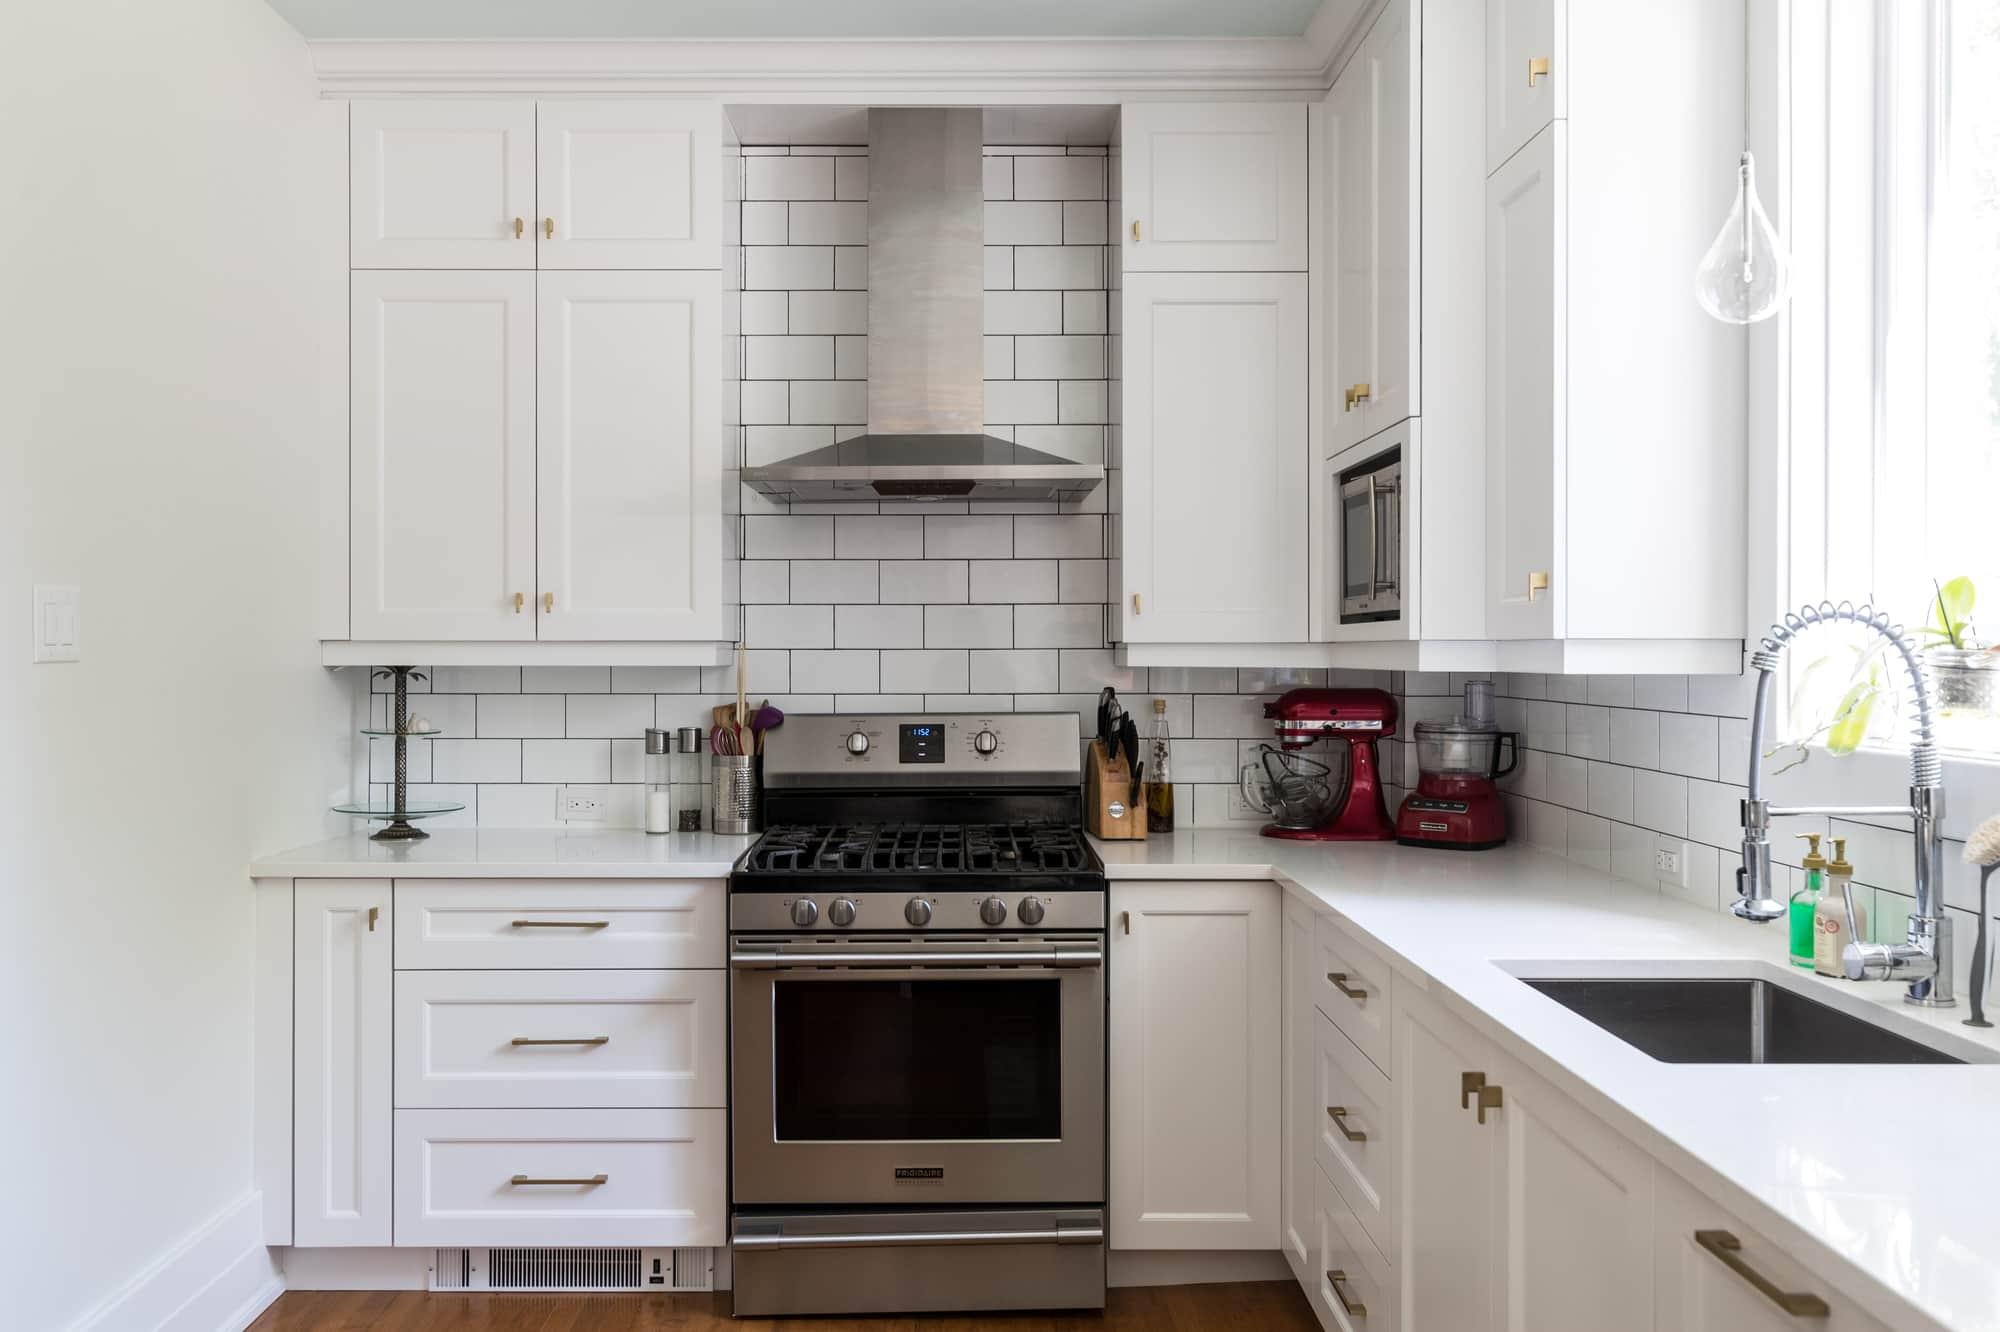 Cuisine sur mesure avec armoires blanches en polyester et comptoir en quartz